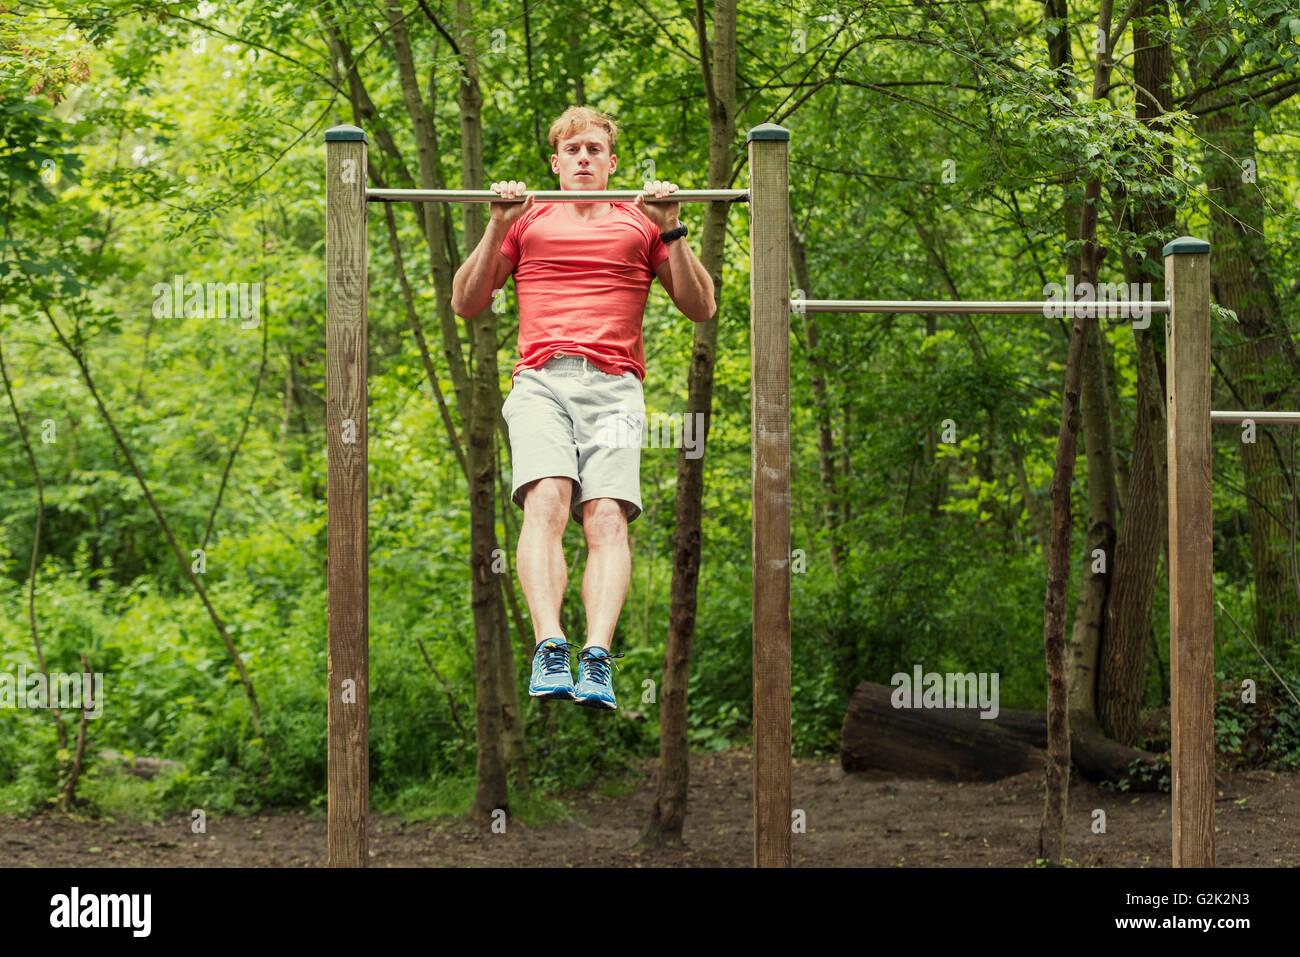 Faire de l'athlète masculin de muscle sur barre horizontale Photo Stock